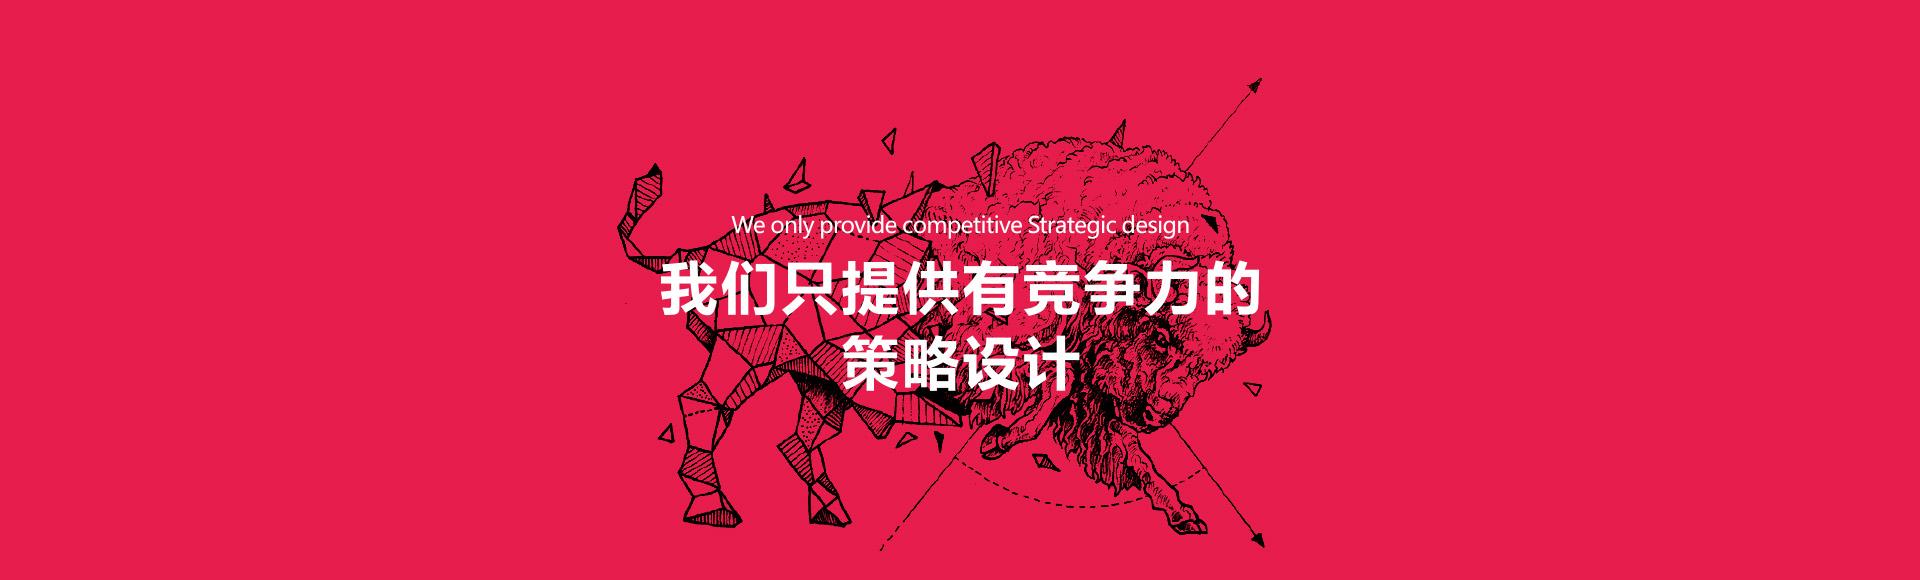 汉风设计PC端网站汉风优势栏目banner